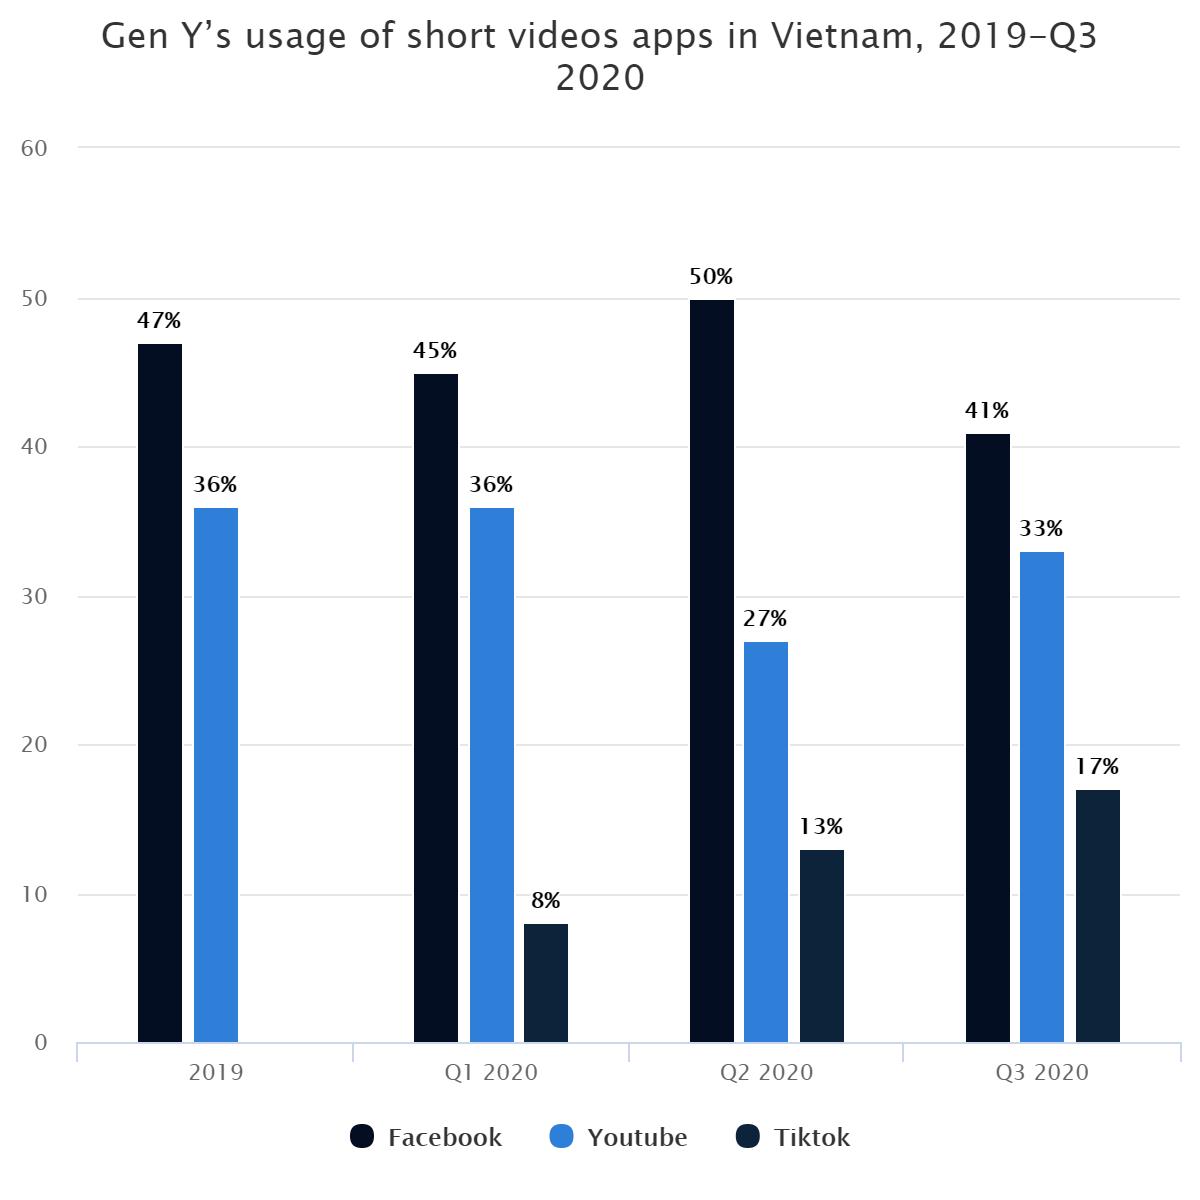 Gen Y's usage of short videos apps in Vietnam, 2019-Q3 2020